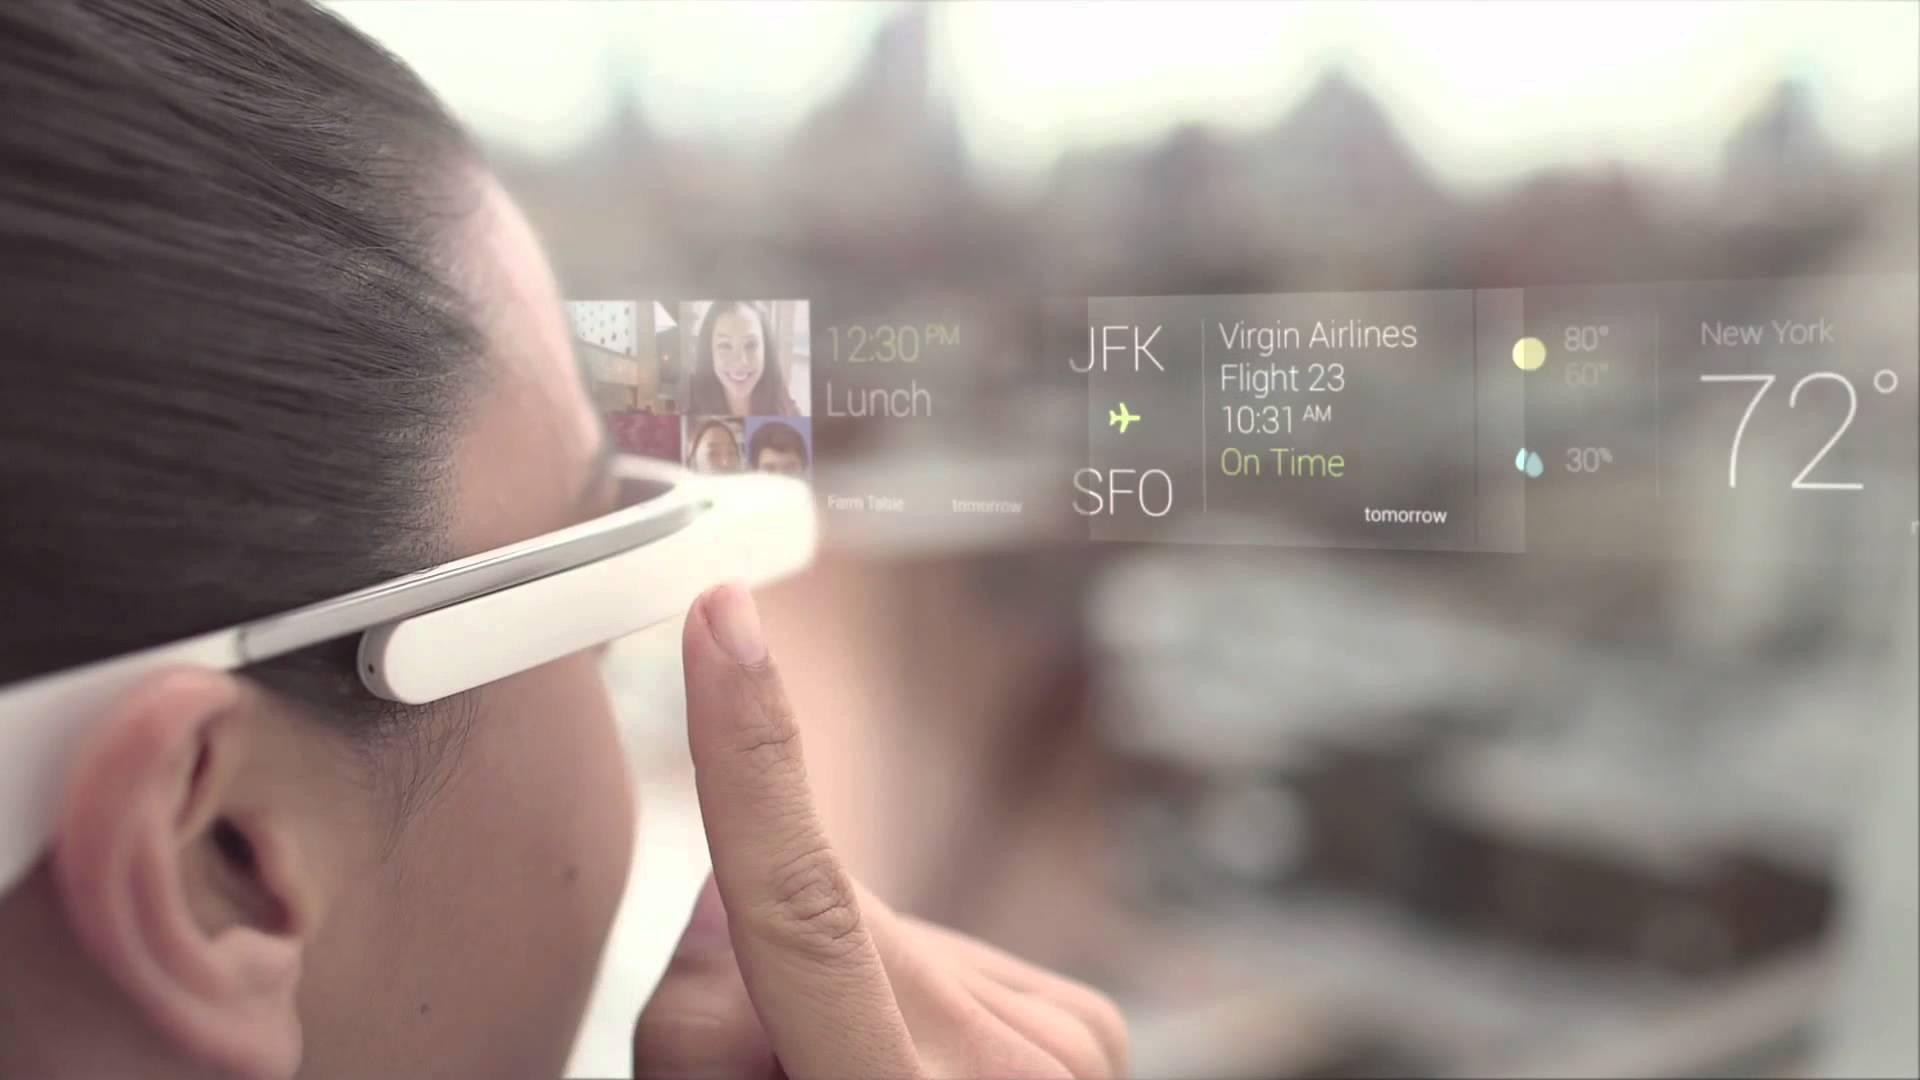 مقایسه تصاویر نمایشگر بیش از 180 تبلت و گوشی هوشمند در زاویه 45 درجه